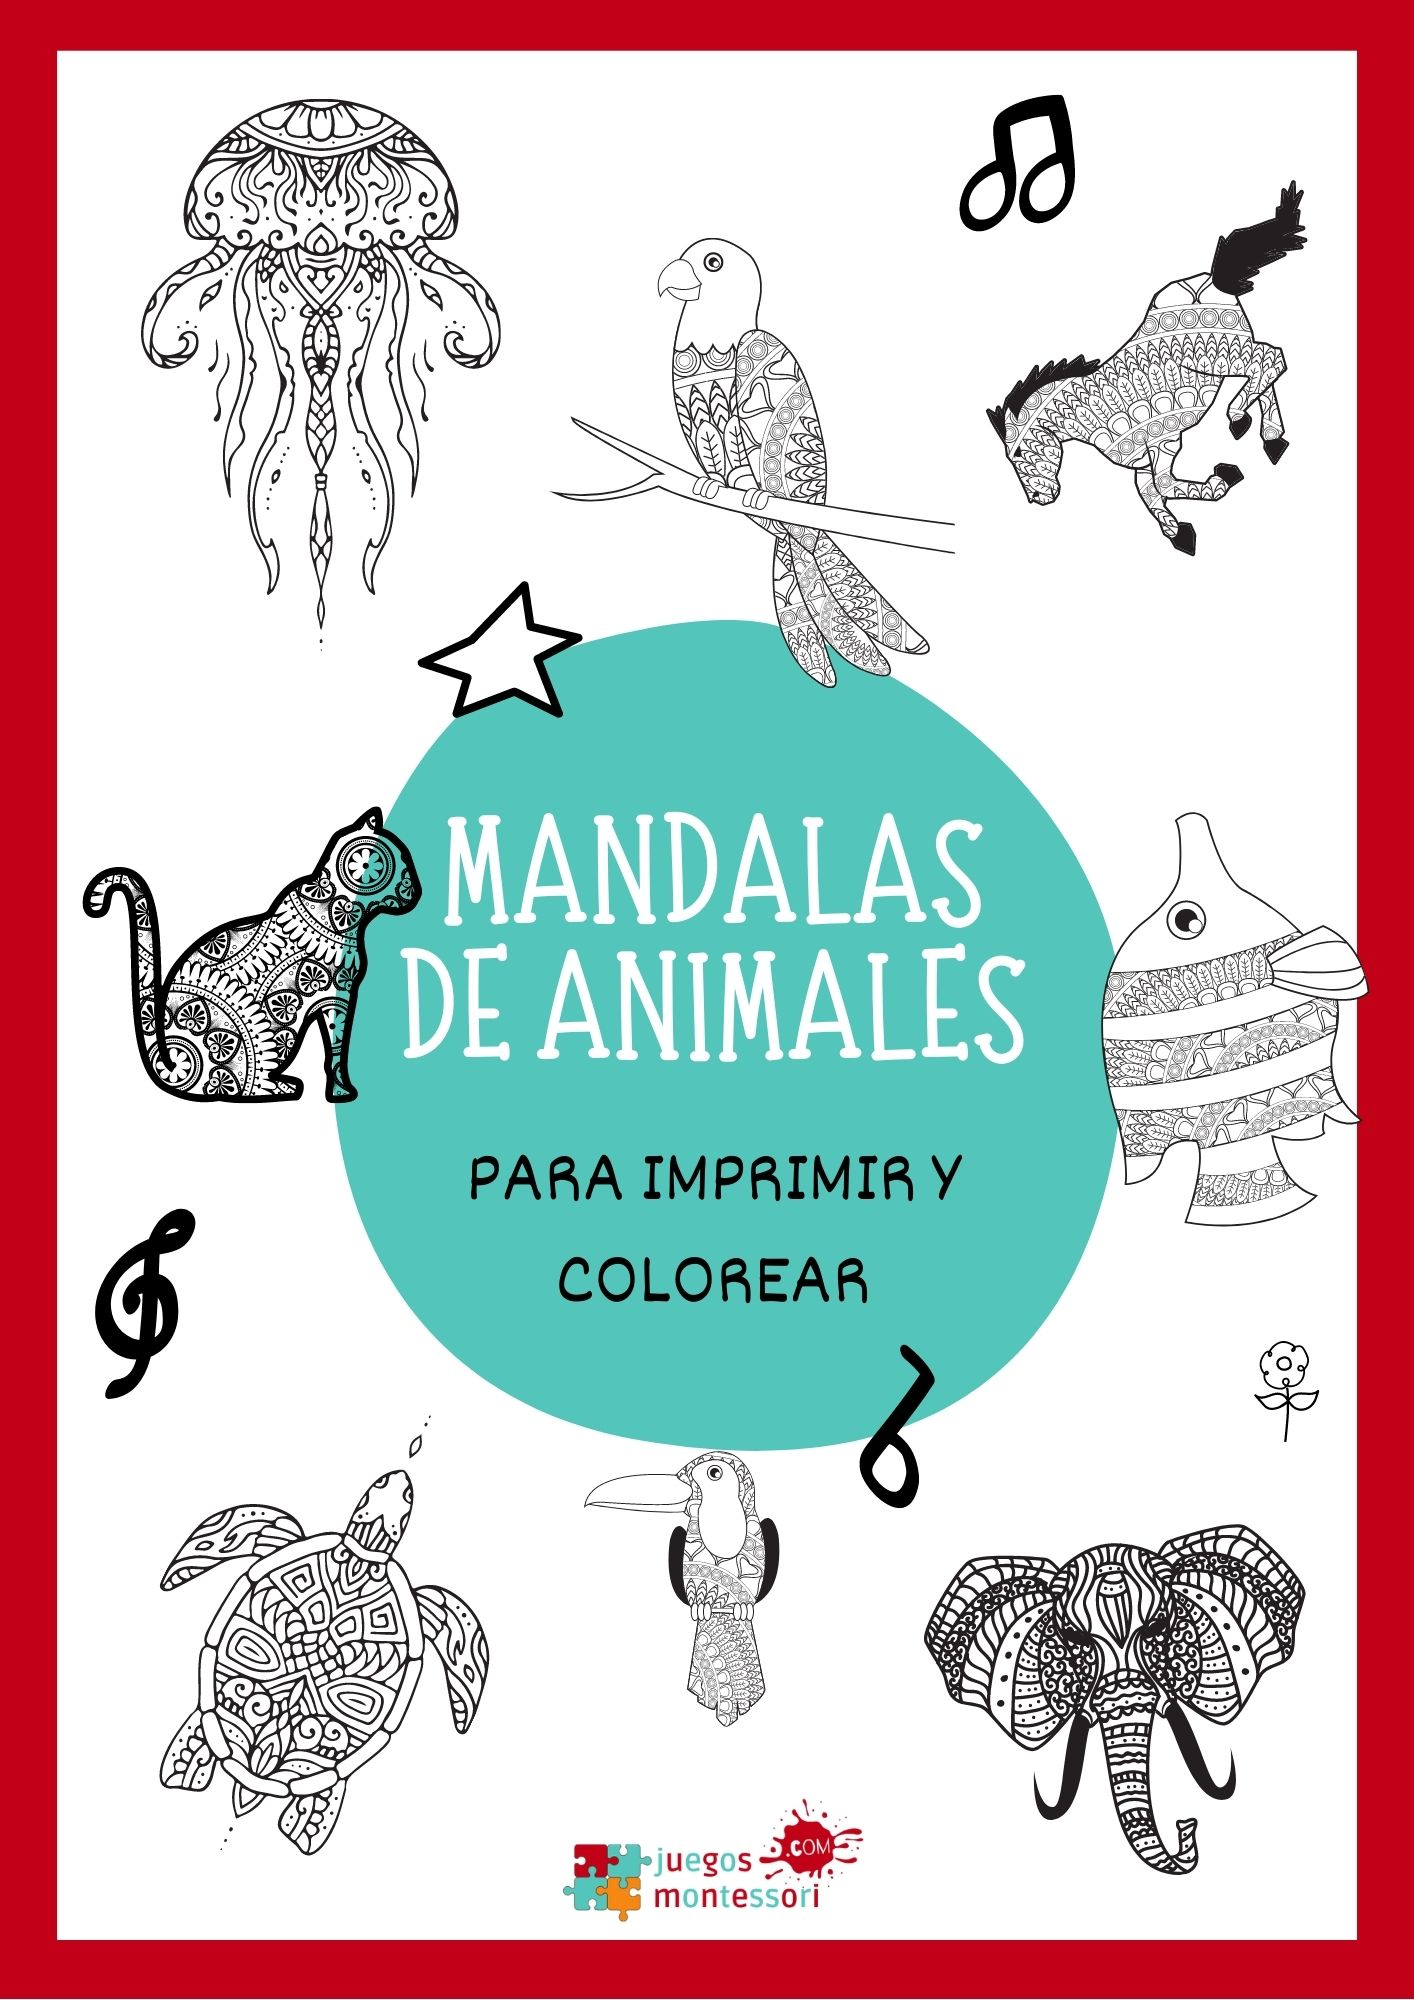 Mandalas de Animales | Para imprimir y colorear en PDF